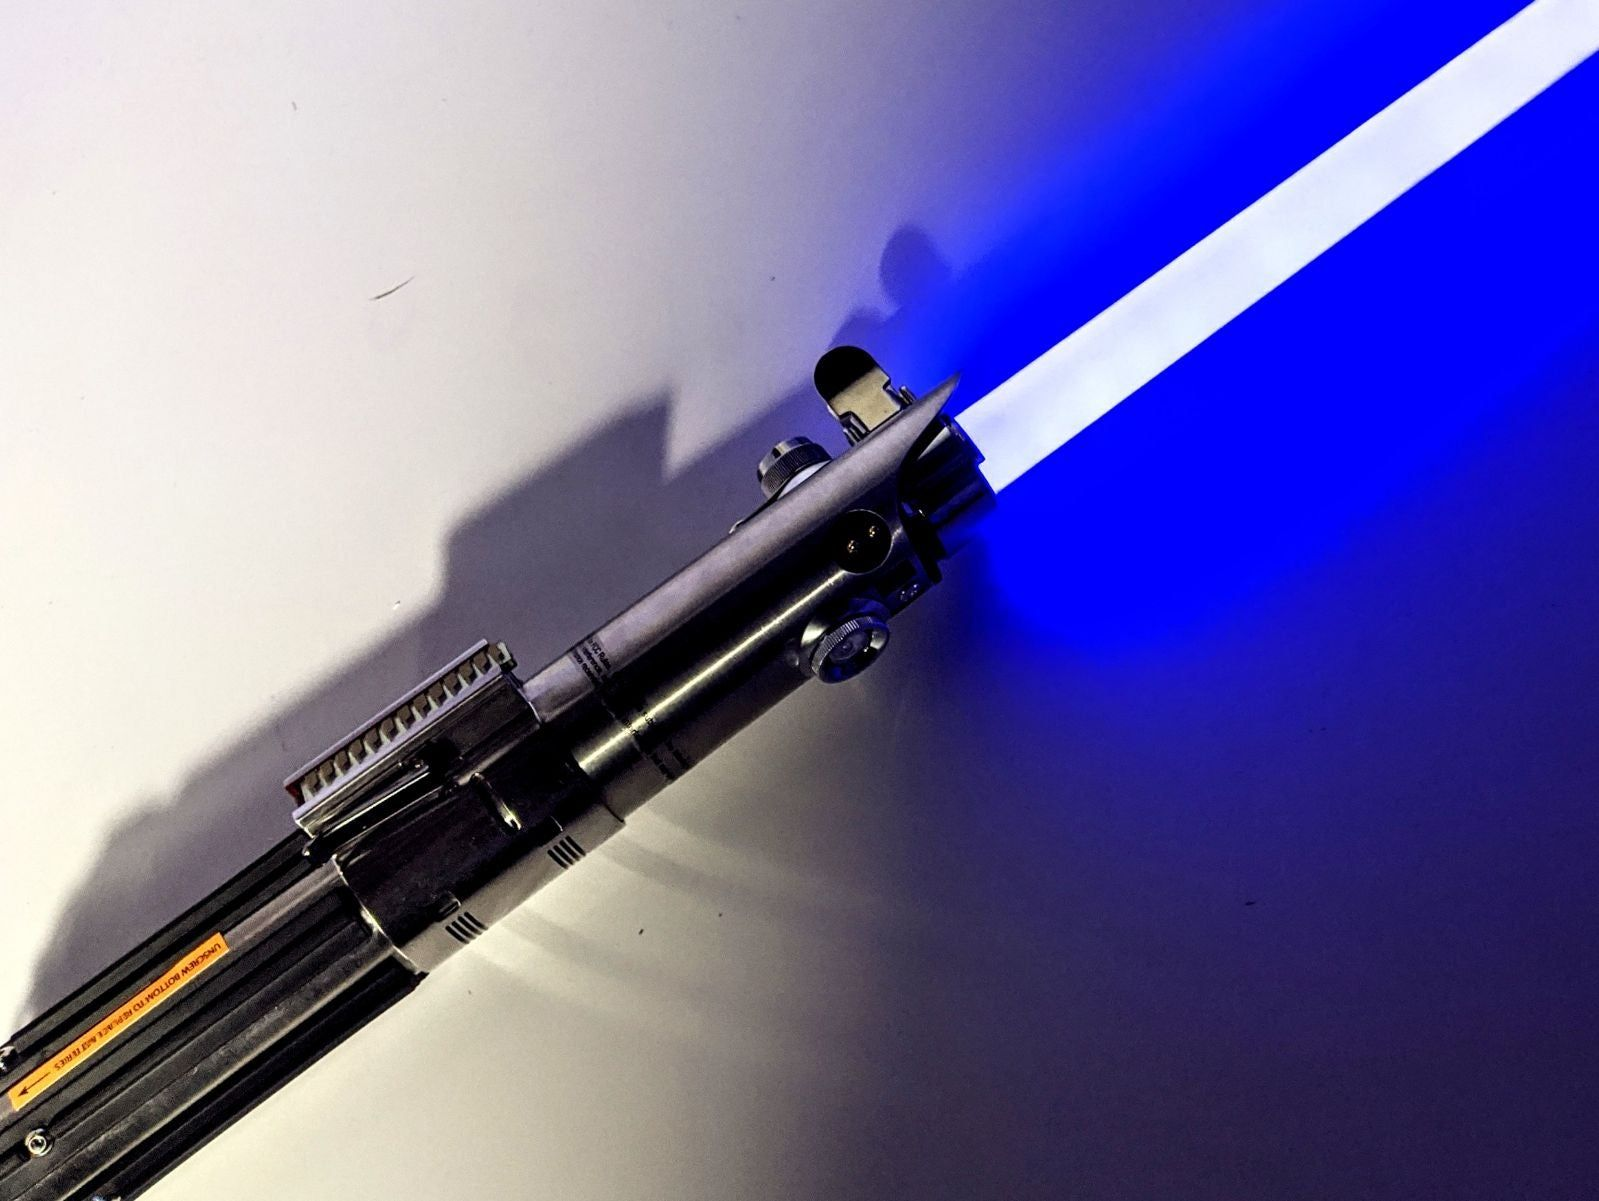 Disney Parks Star Wars Rey Fx Blue Lightsaber Removable Blade Anakin Skywalker Perfect For Cosplay This L Lightsaber Star Wars Light Saber Blue Lightsaber